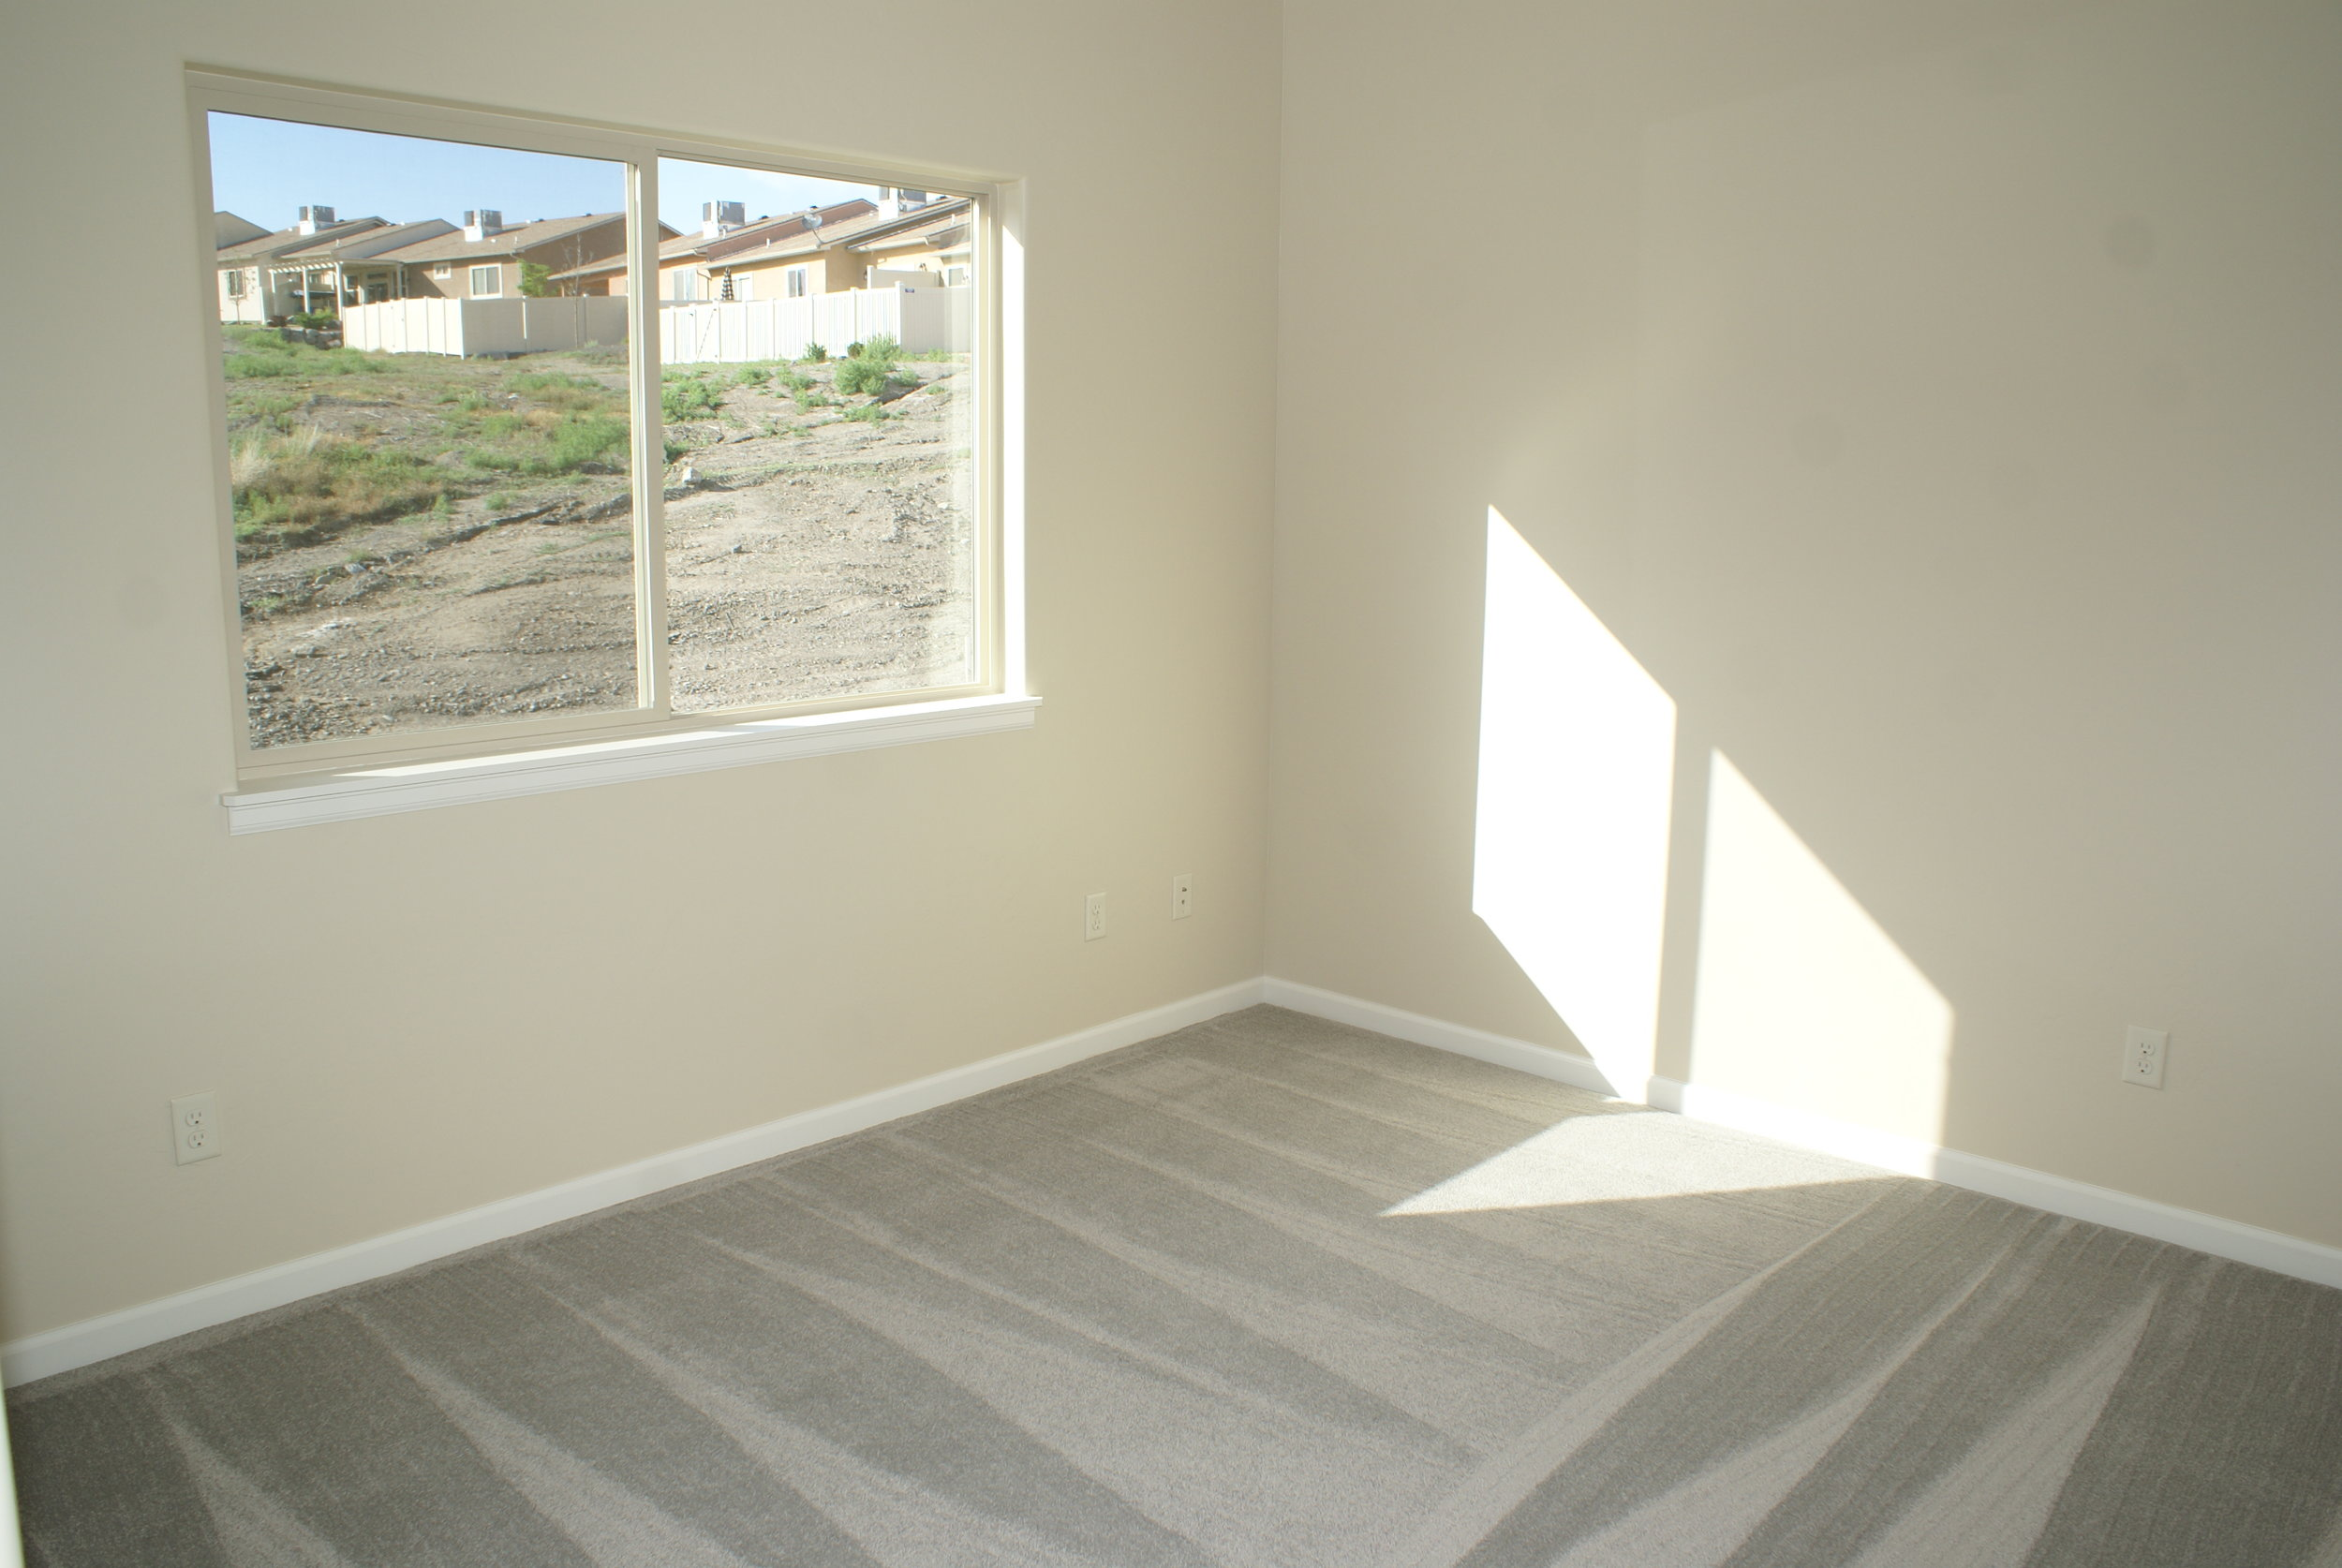 m Guest Room 2.JPG